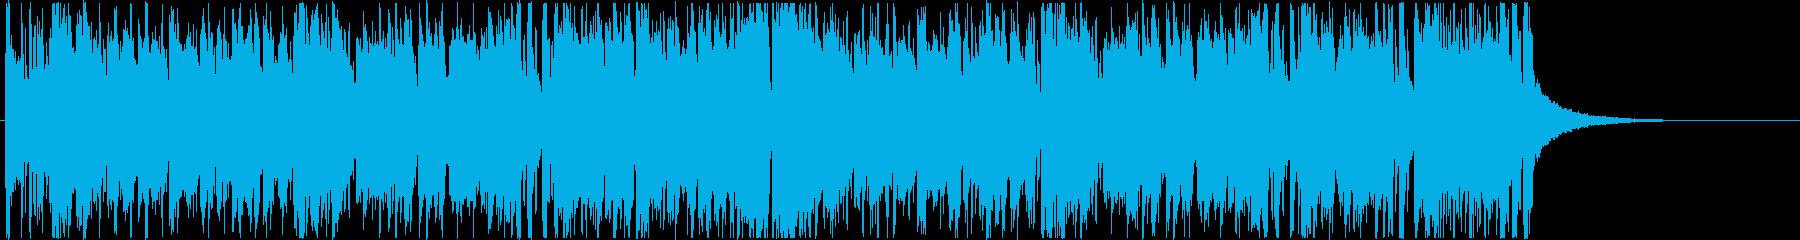 結果発表 ハイテンションなディスコ曲の再生済みの波形